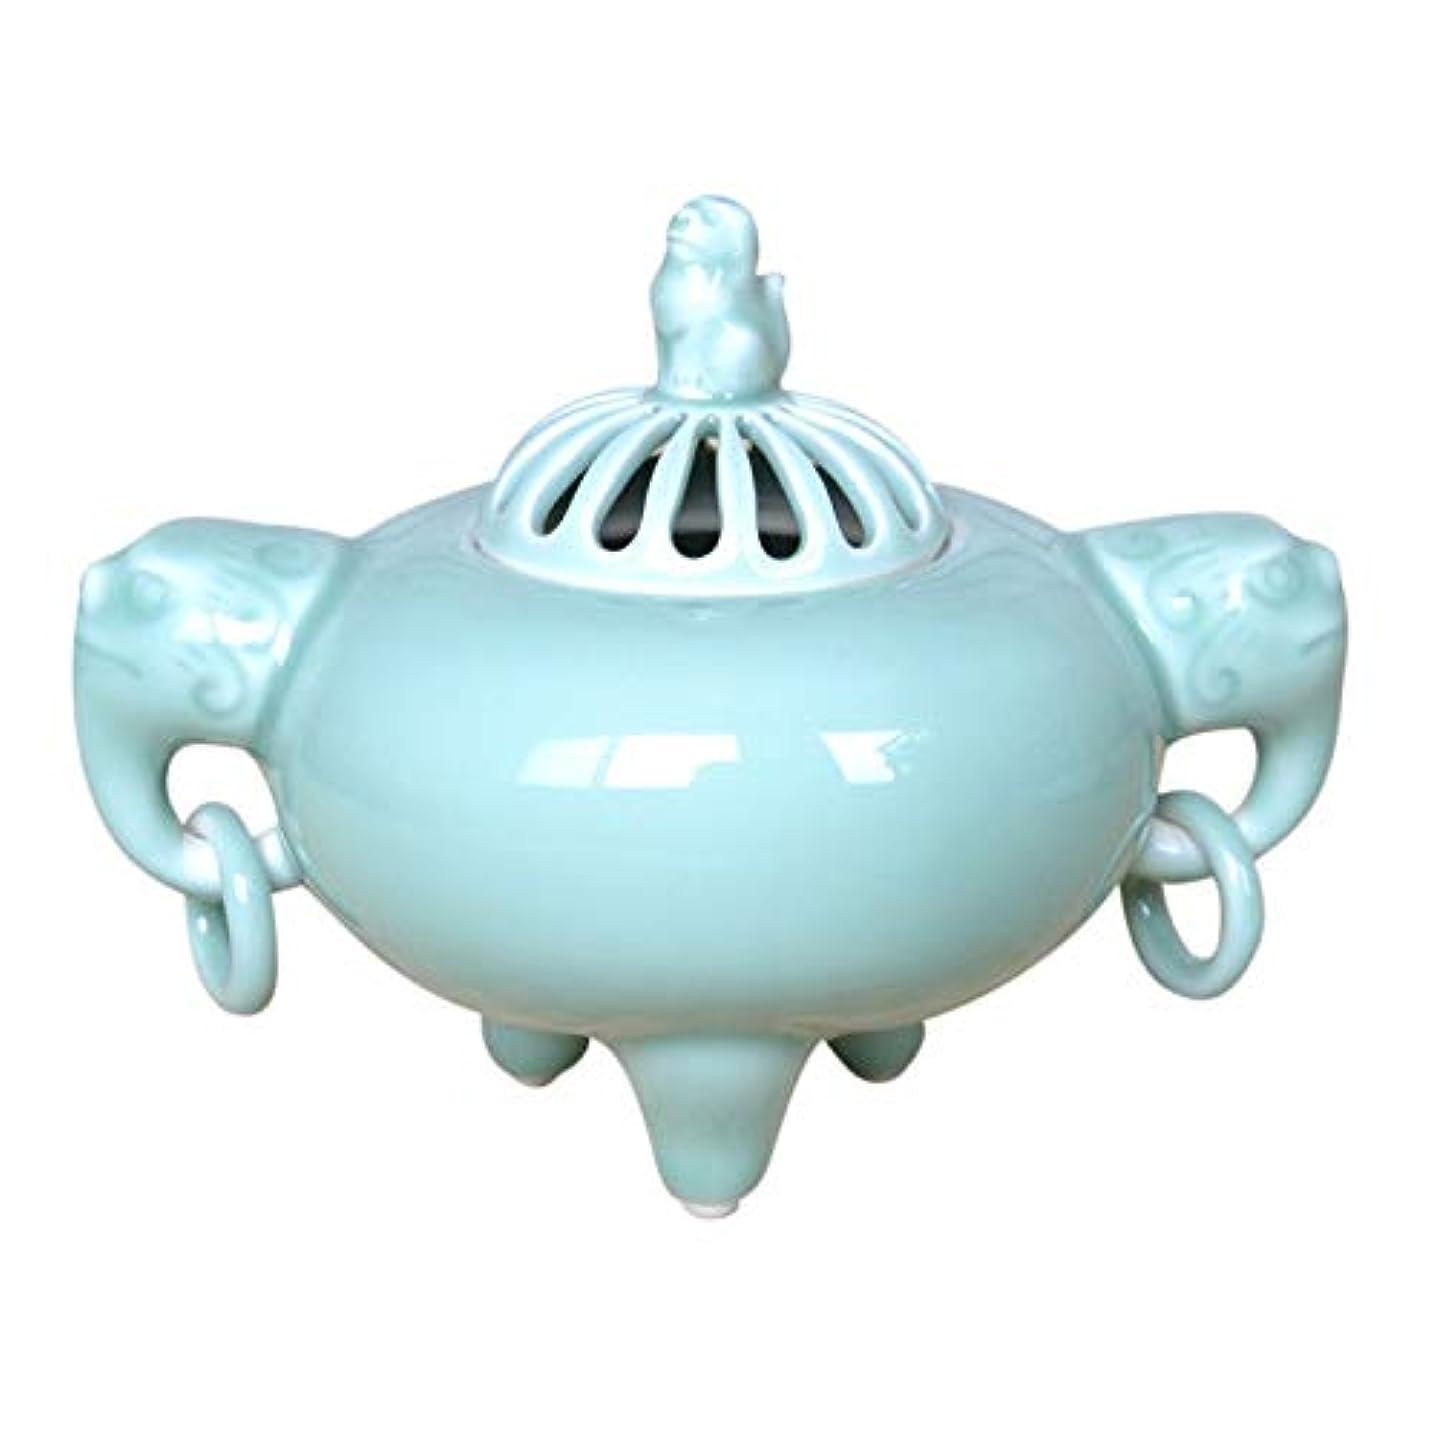 スペードブラウザコーナー有田焼 青磁丸中遊環 香炉(木箱付)【サイズ】高さ12.2cm